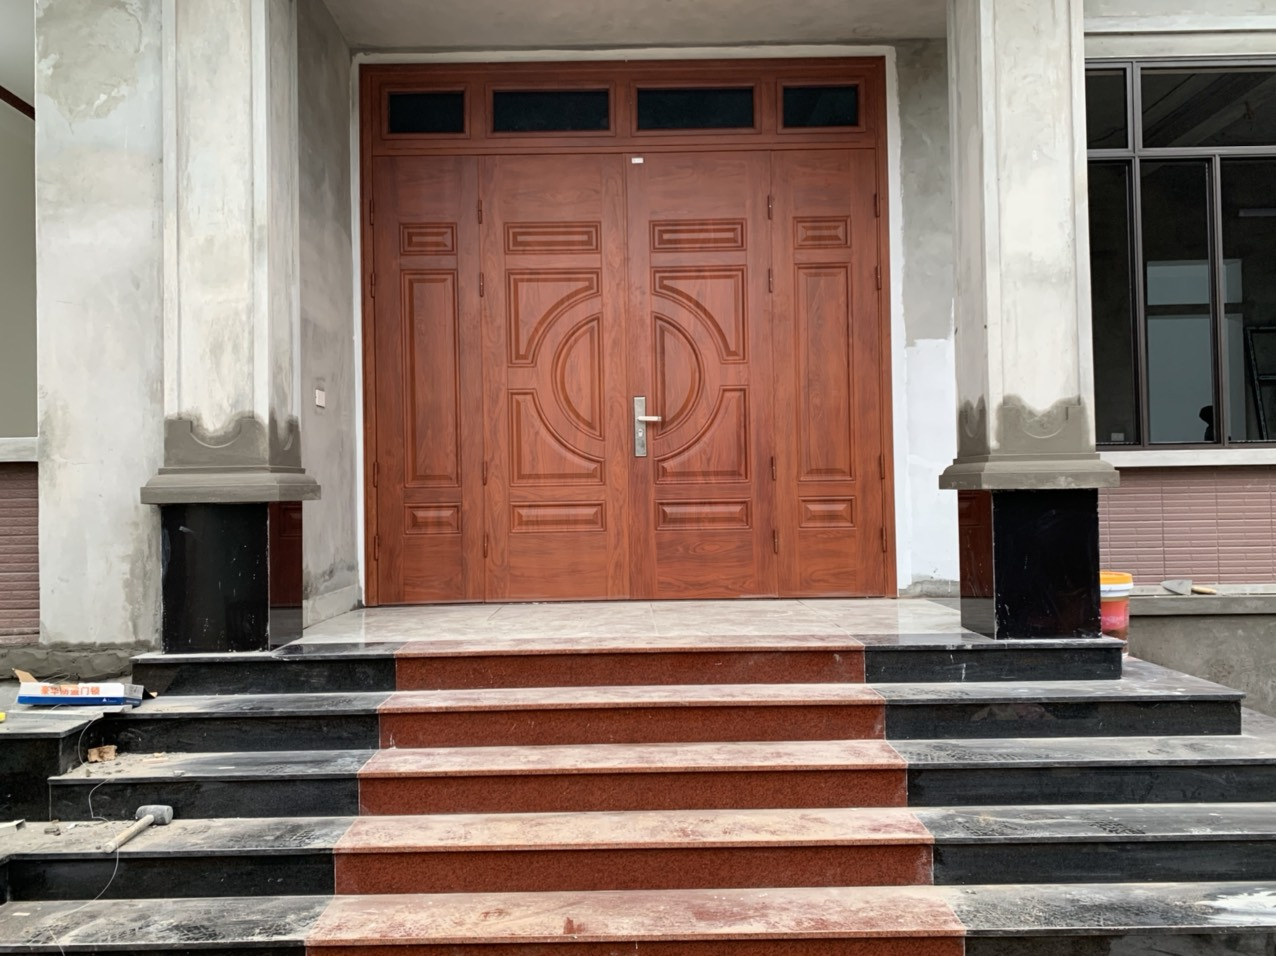 Lý do cửa thép vân gỗ được ưa chuộng ở Bắc Ninh